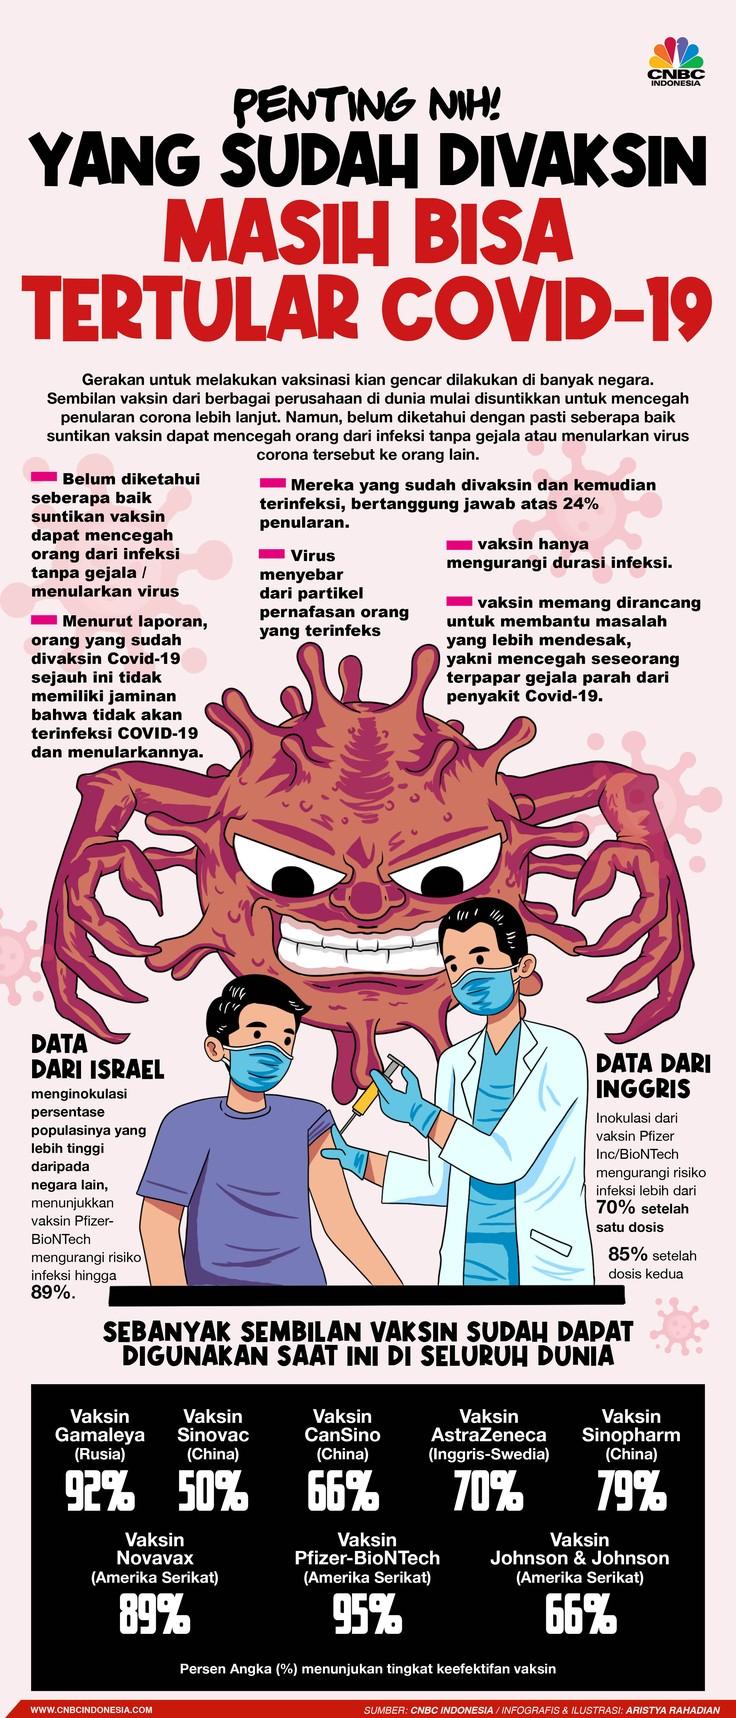 Infografis/ Penting Nih! Yang Sudah Divaksin Masih Bisa Tertular COVID-19/Aristya Rahadian